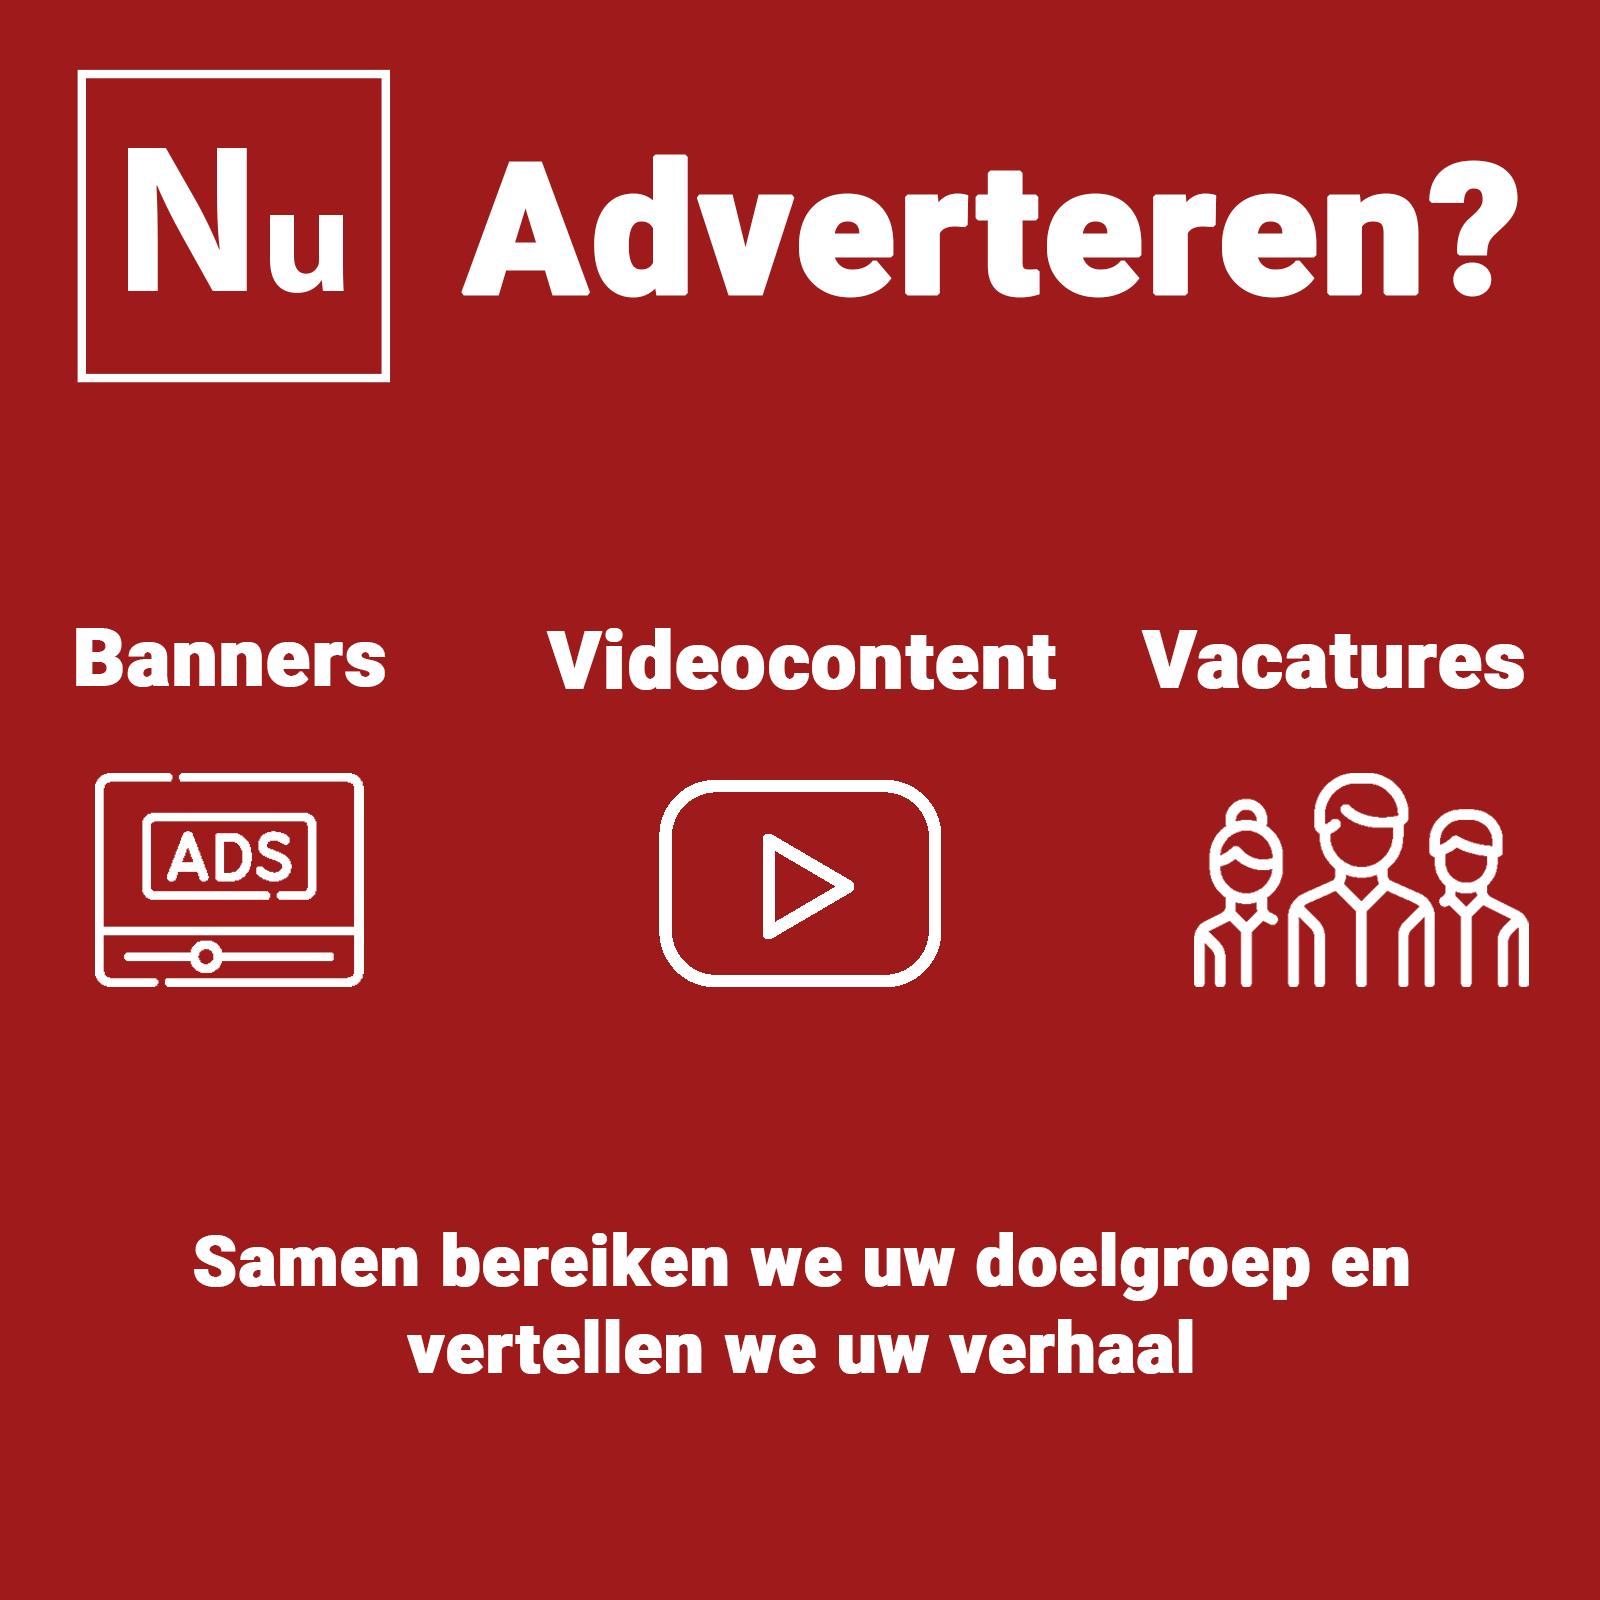 Adverteren Noordwijk Nu